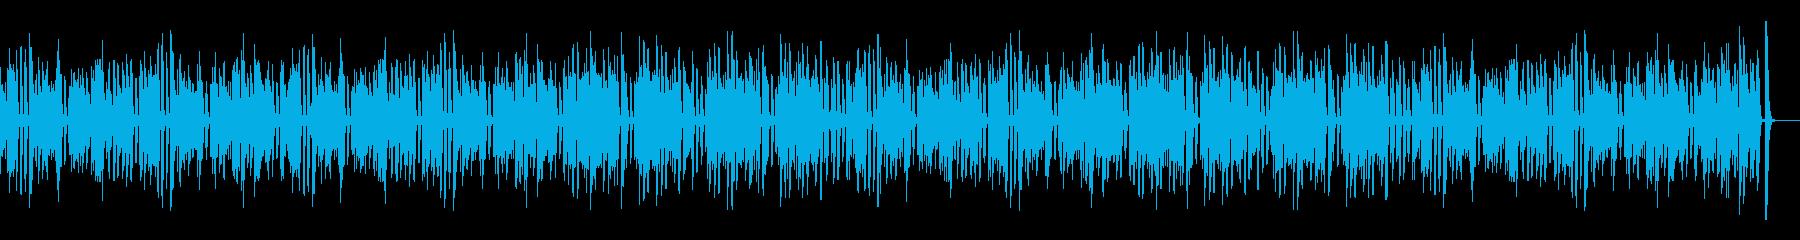 料理や作業動画向き可愛いレトロピアノの再生済みの波形